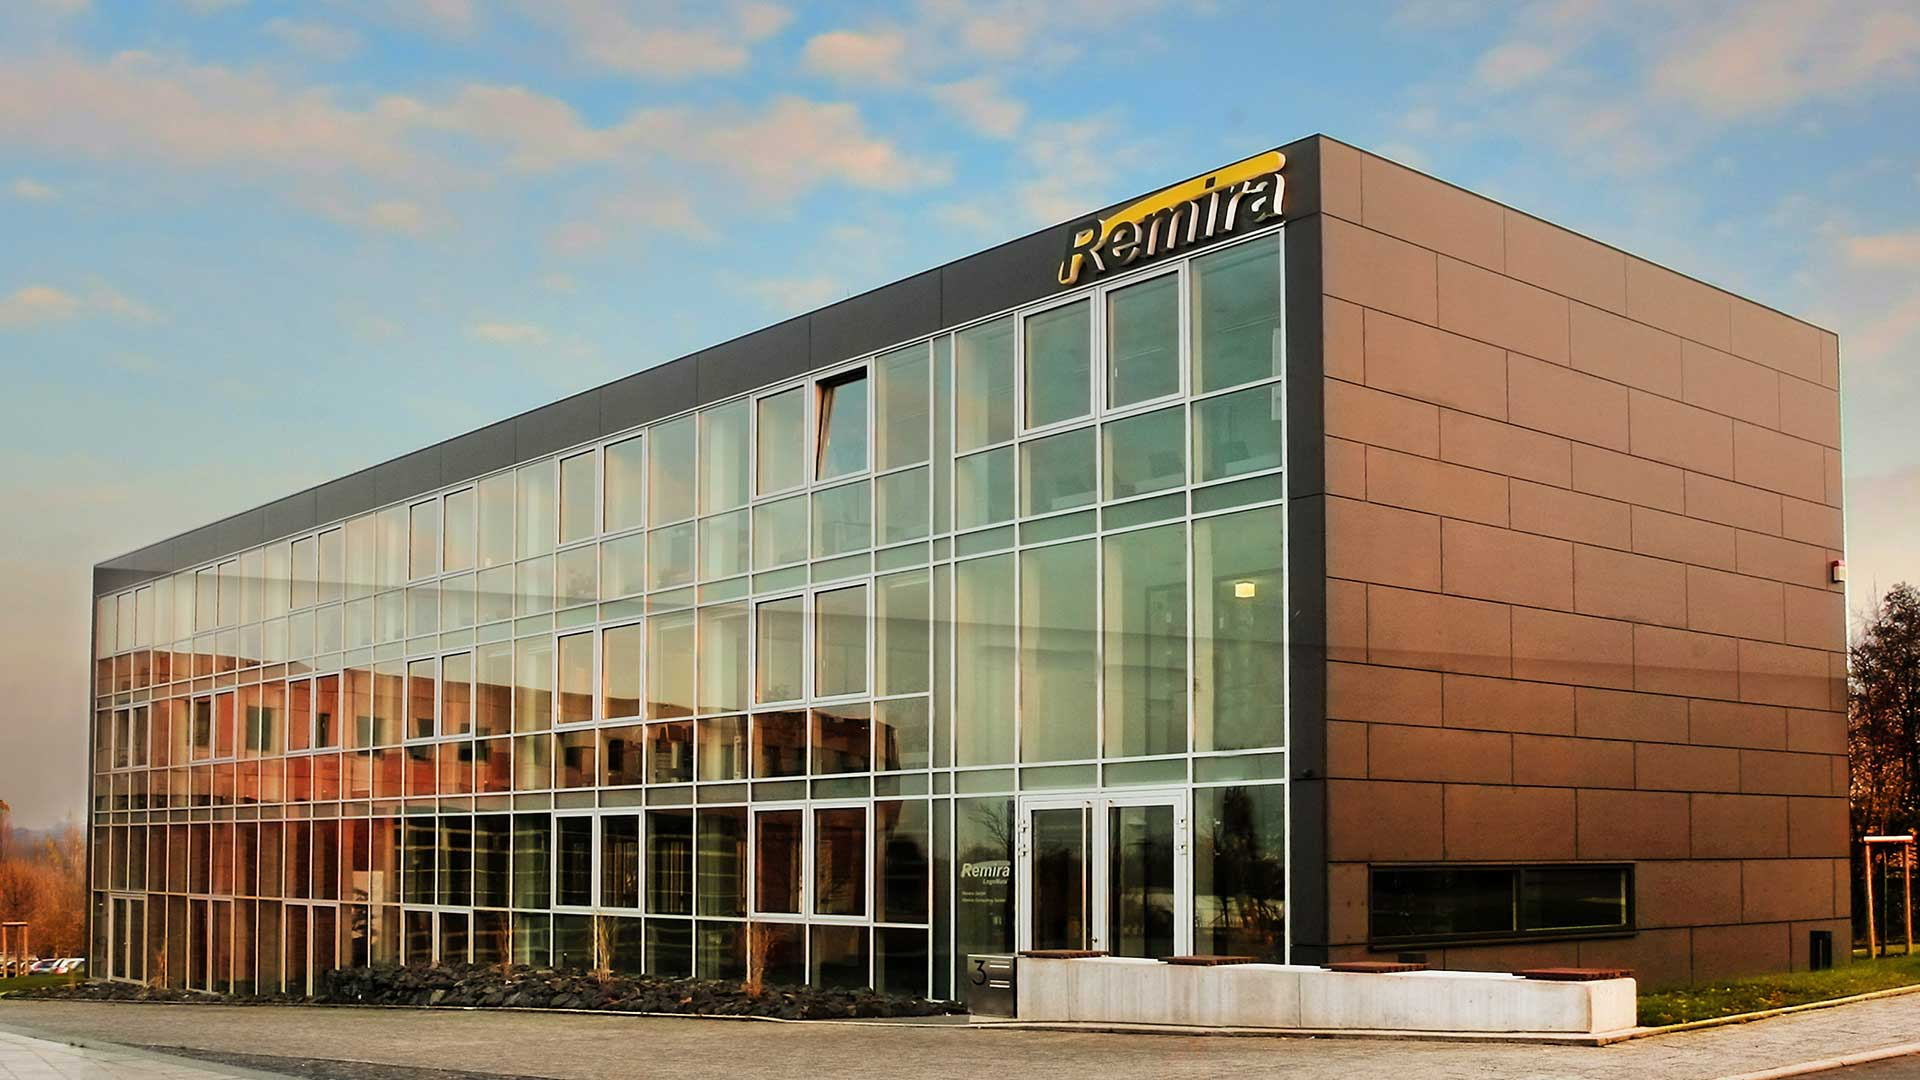 Remira Gebäude in Bochum